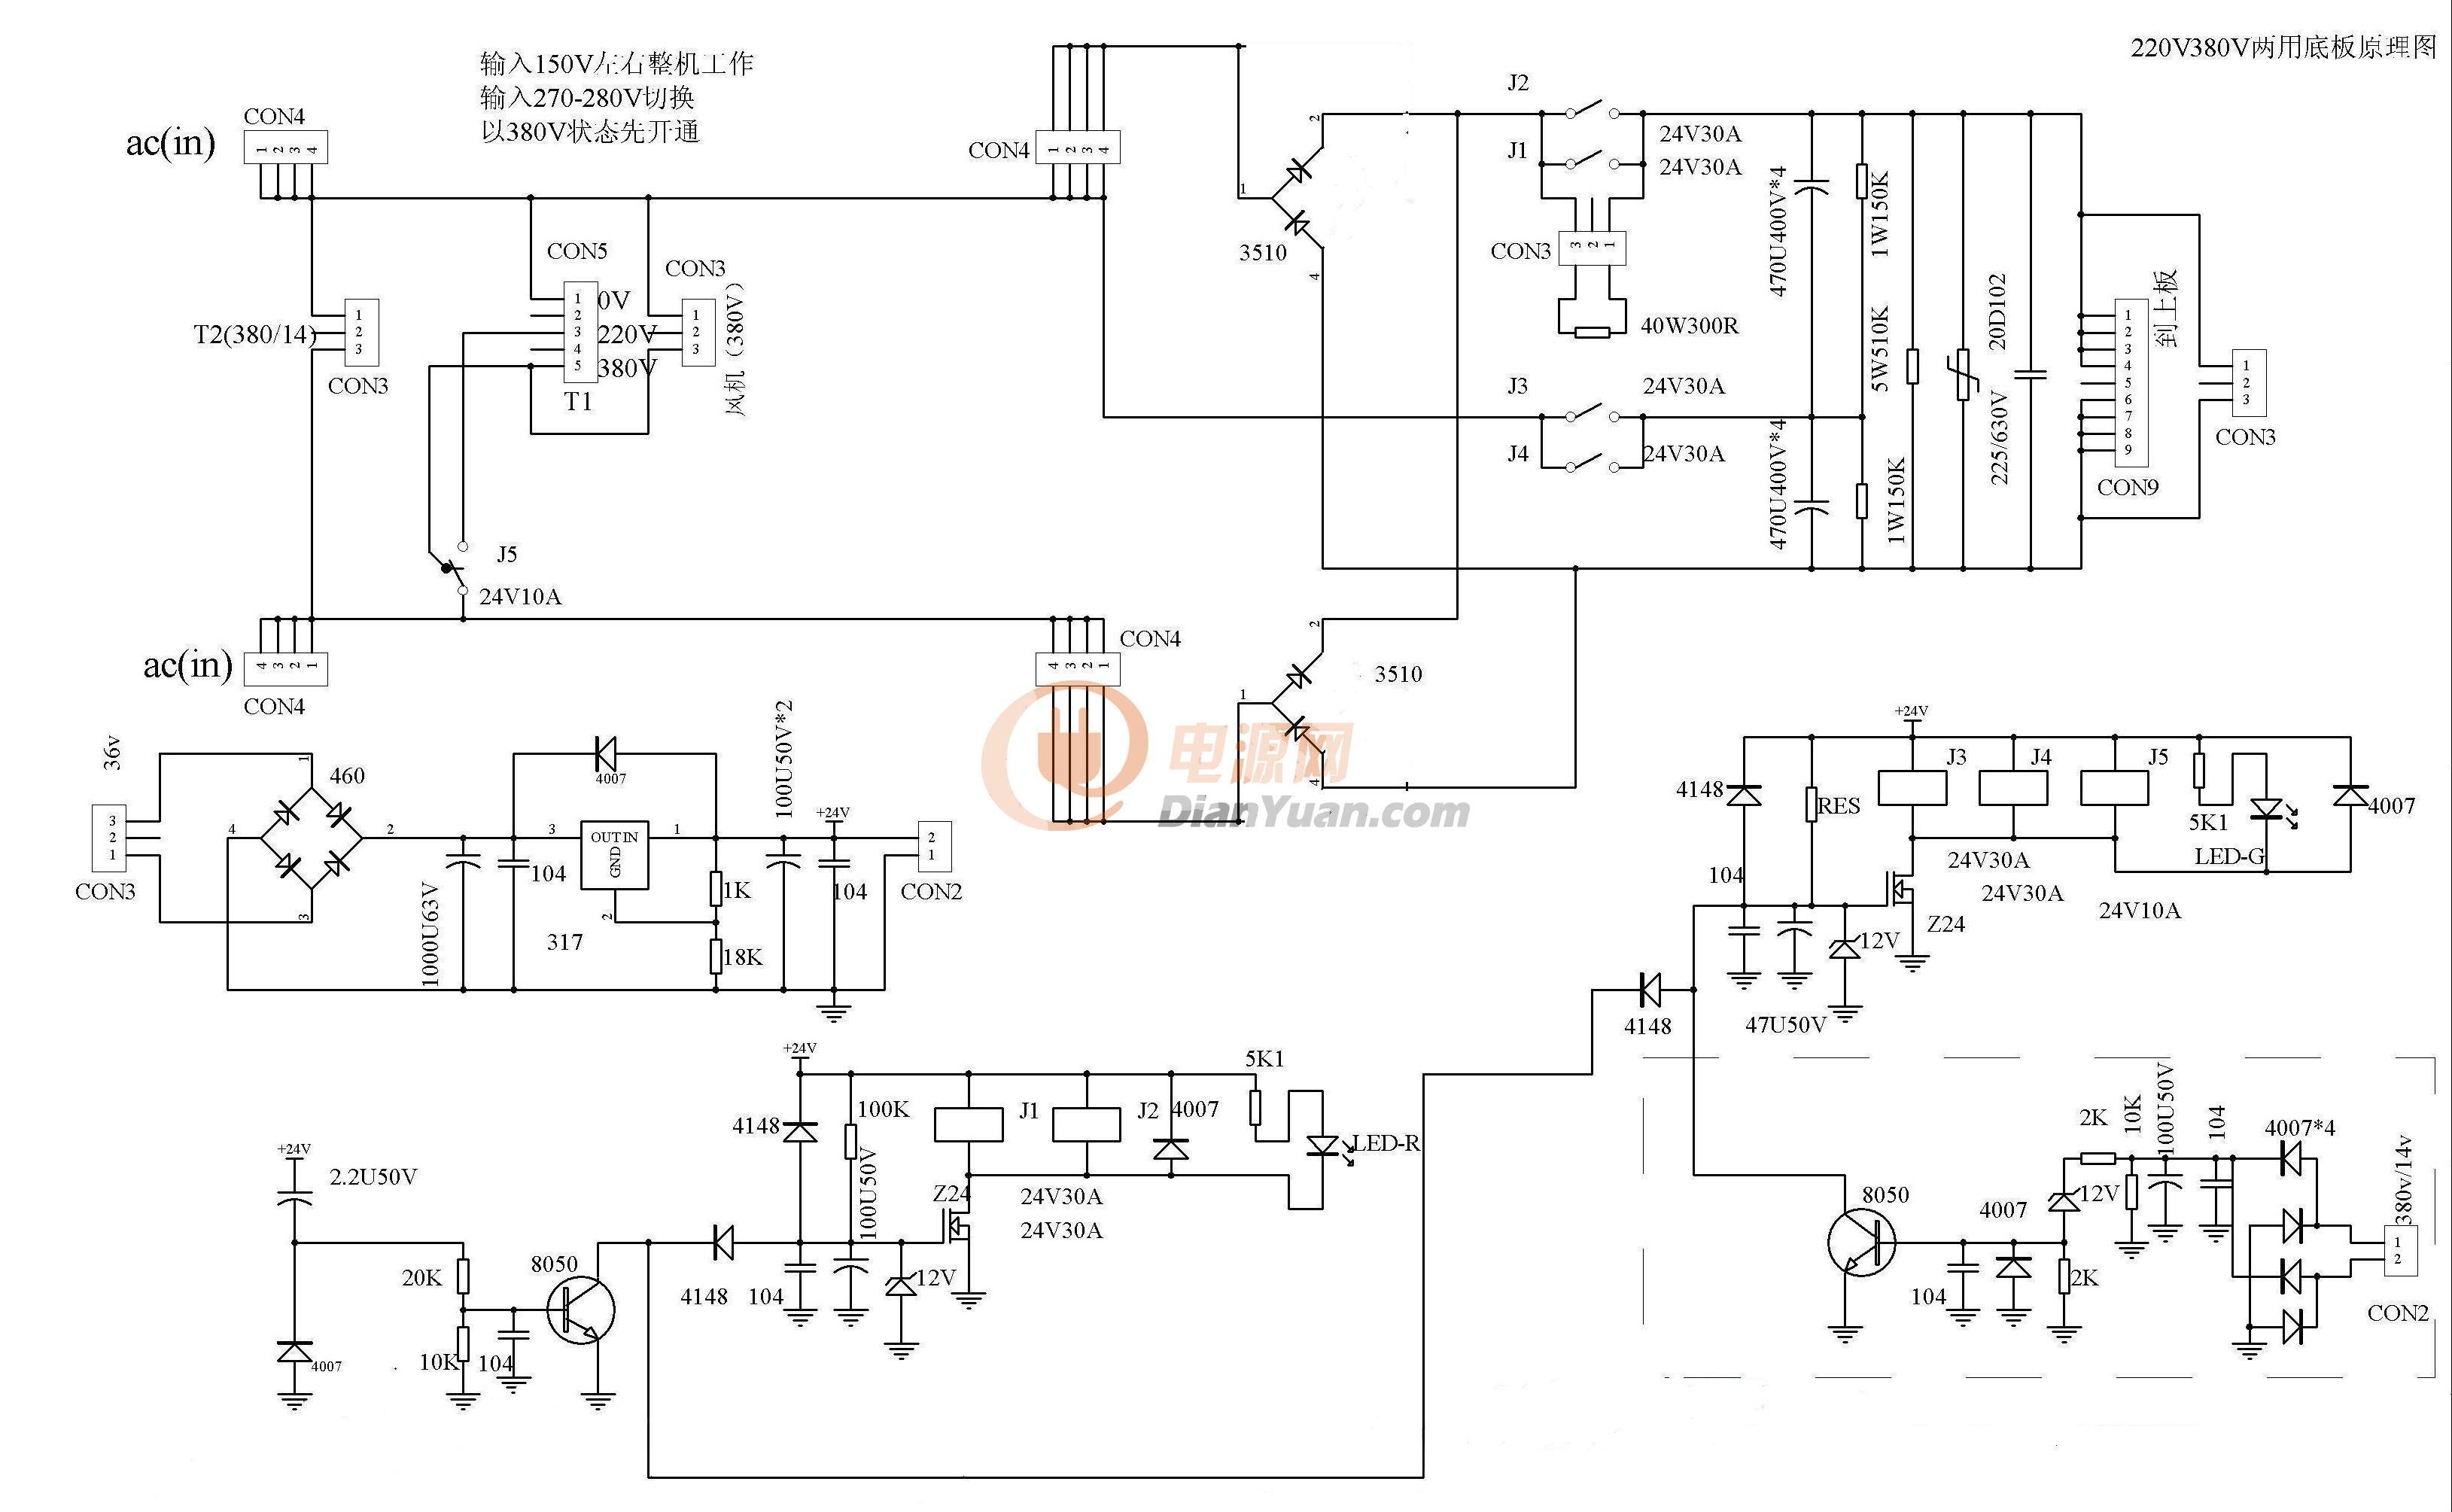 。通常控制电路都相当地简单,(类似早年的冰箱市电欠压保护器电路) 上图(见5帖)某双电压焊机原理图纸,当380V/220V,通电后,300欧40w充电,延迟后J1.2吸,接着控制电路识别; 若是380V时就可开始工作了。 若是220V时,J1.2吸后,电解充电才到310V/2=155V,通过控制电路识别, 接着J3,J4吸动,这时;220V的正弦波电压从0-310V波动, 某一时刻吸动的电压也许超过155V很多, 也许低于155v,这样J3,J4仍然有超过155V的时刻会发生点焊效果, 引起触点粘连?触点